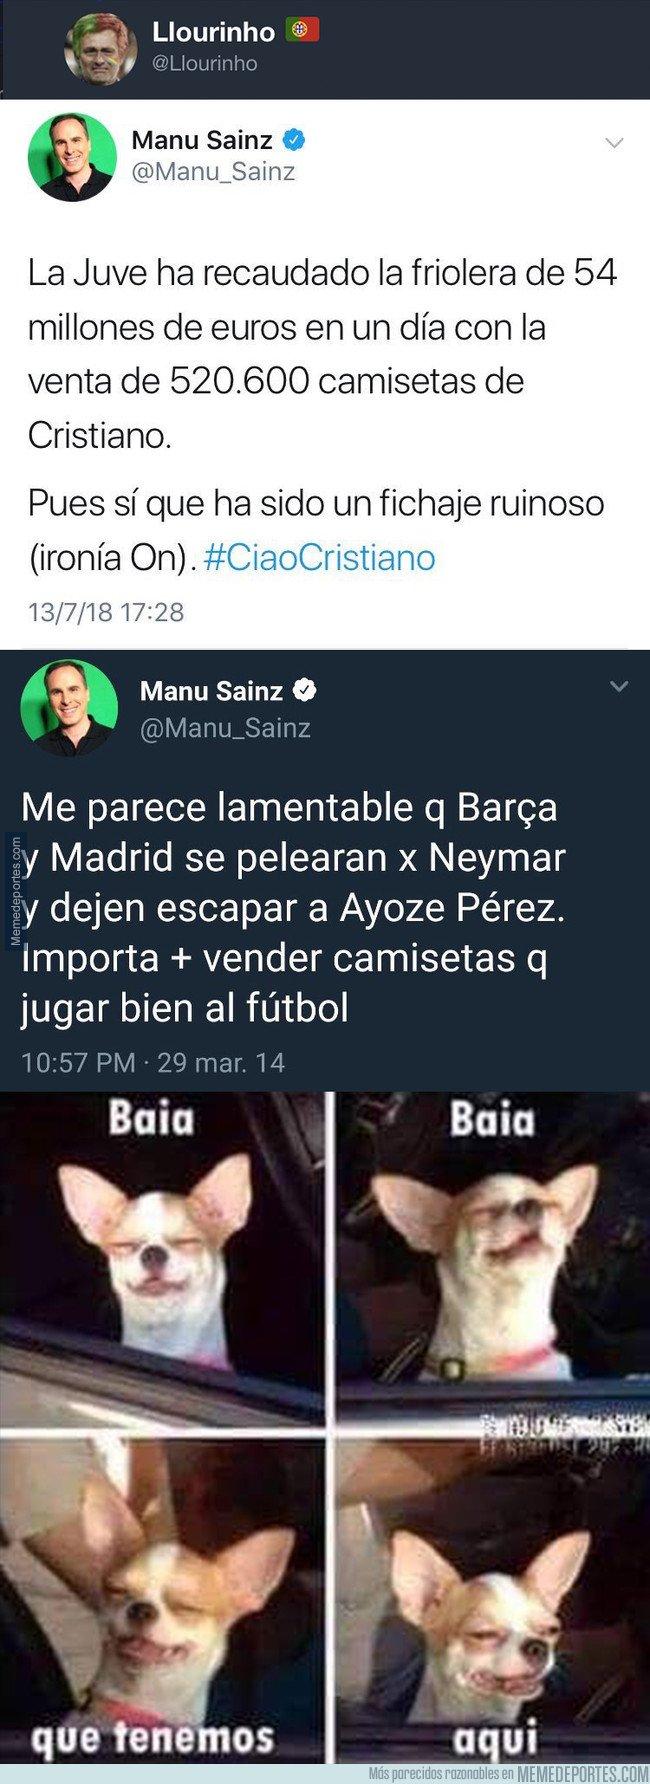 1045102 - La contradicción de Manu Sainz y las camisetas vendidas cuando se trata de Cristiano Ronaldo, por @Llourinho